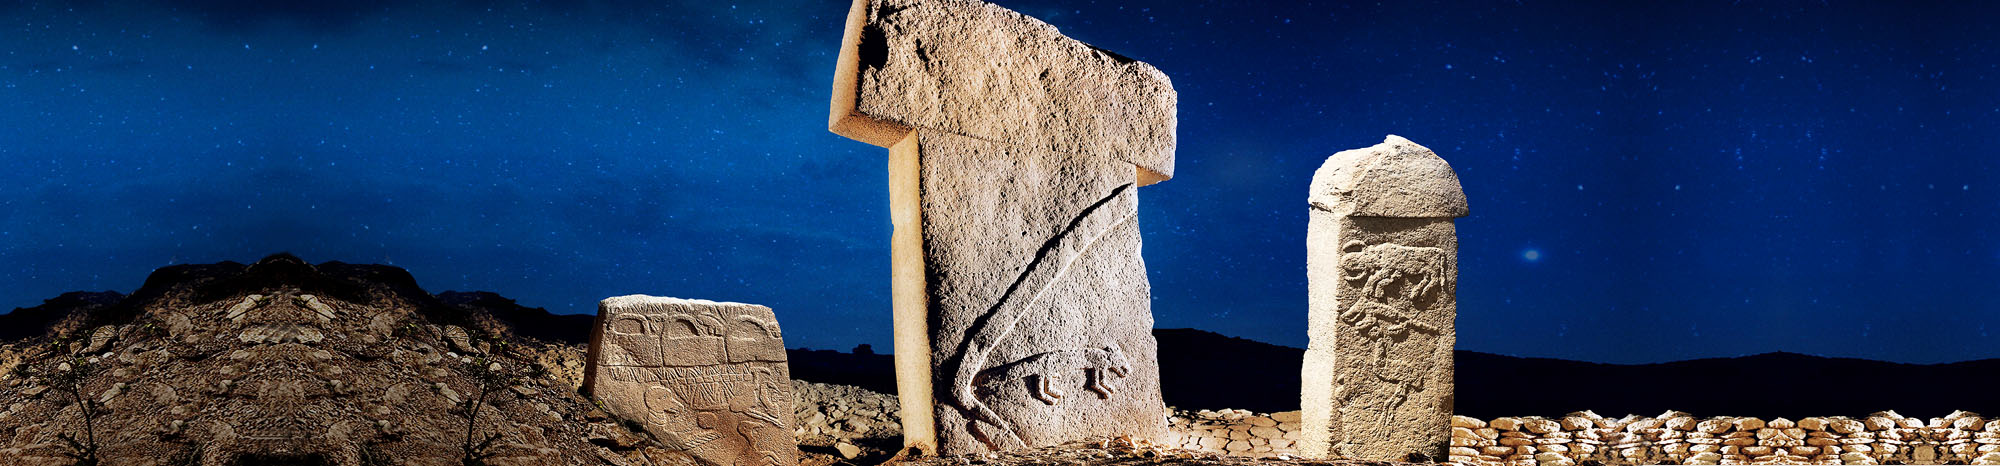 Археологічний комплекс Гьобеклі-Тепе увійшов до списку Всесвітньої спадщини ЮНЕСКО